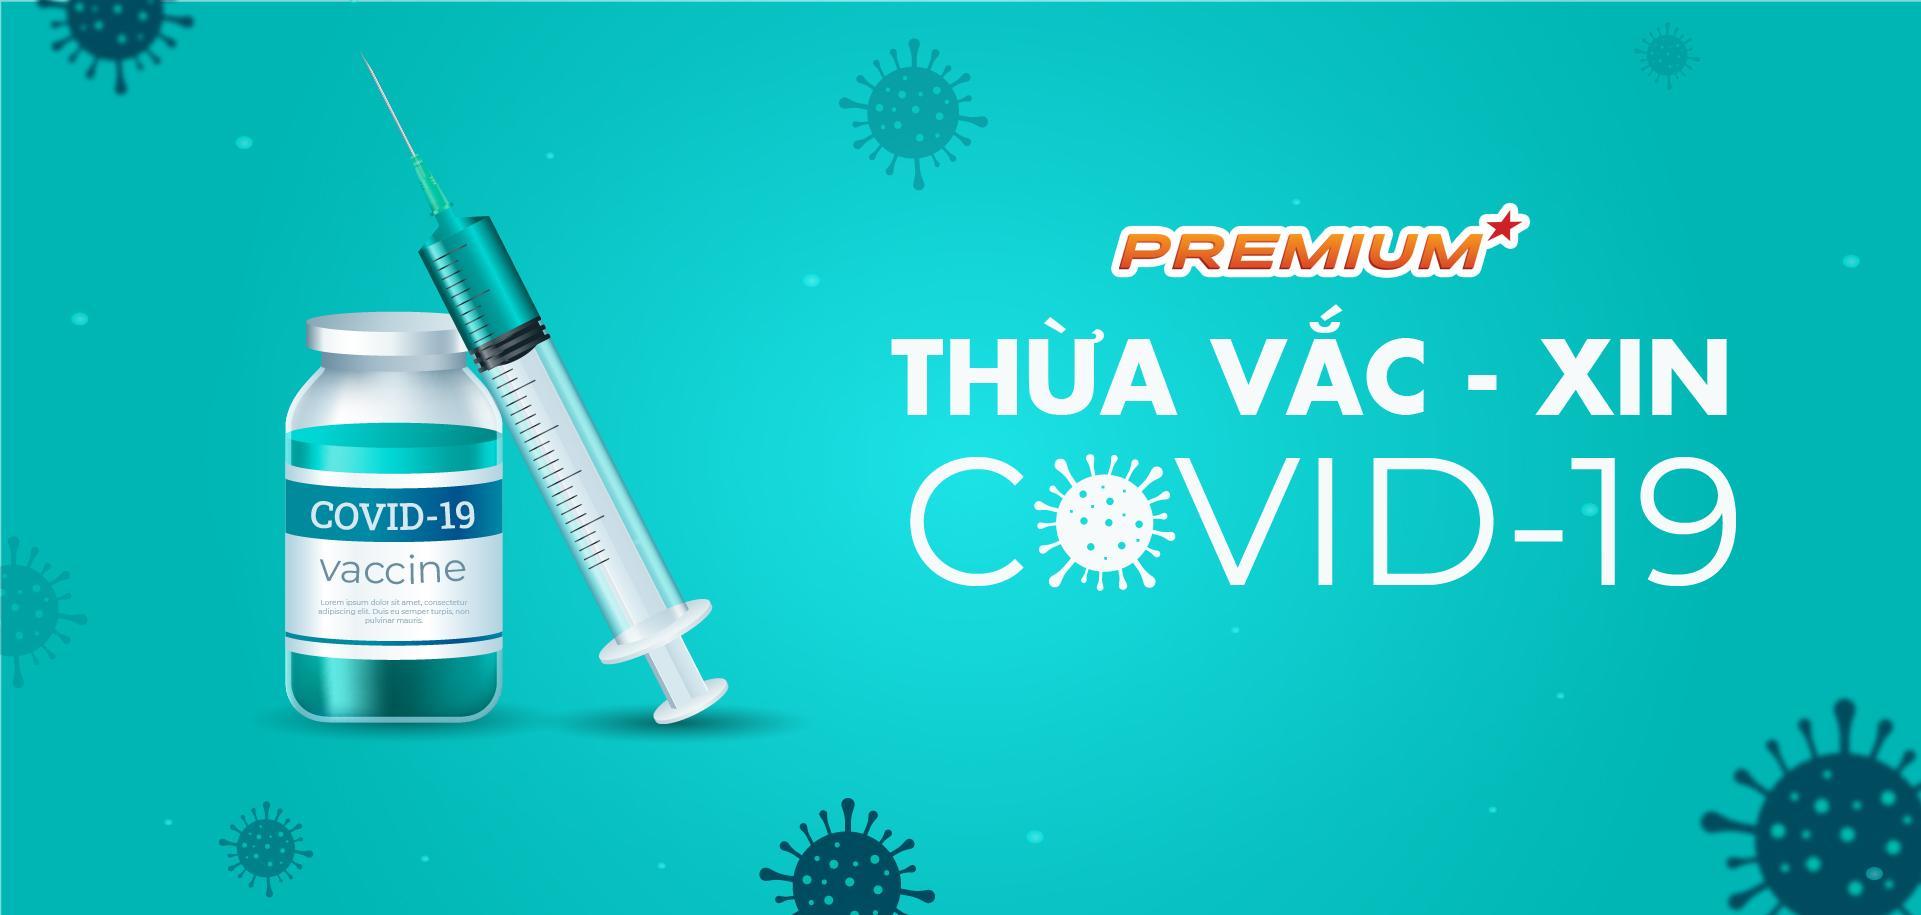 Thừa vắc-xin Covid-19